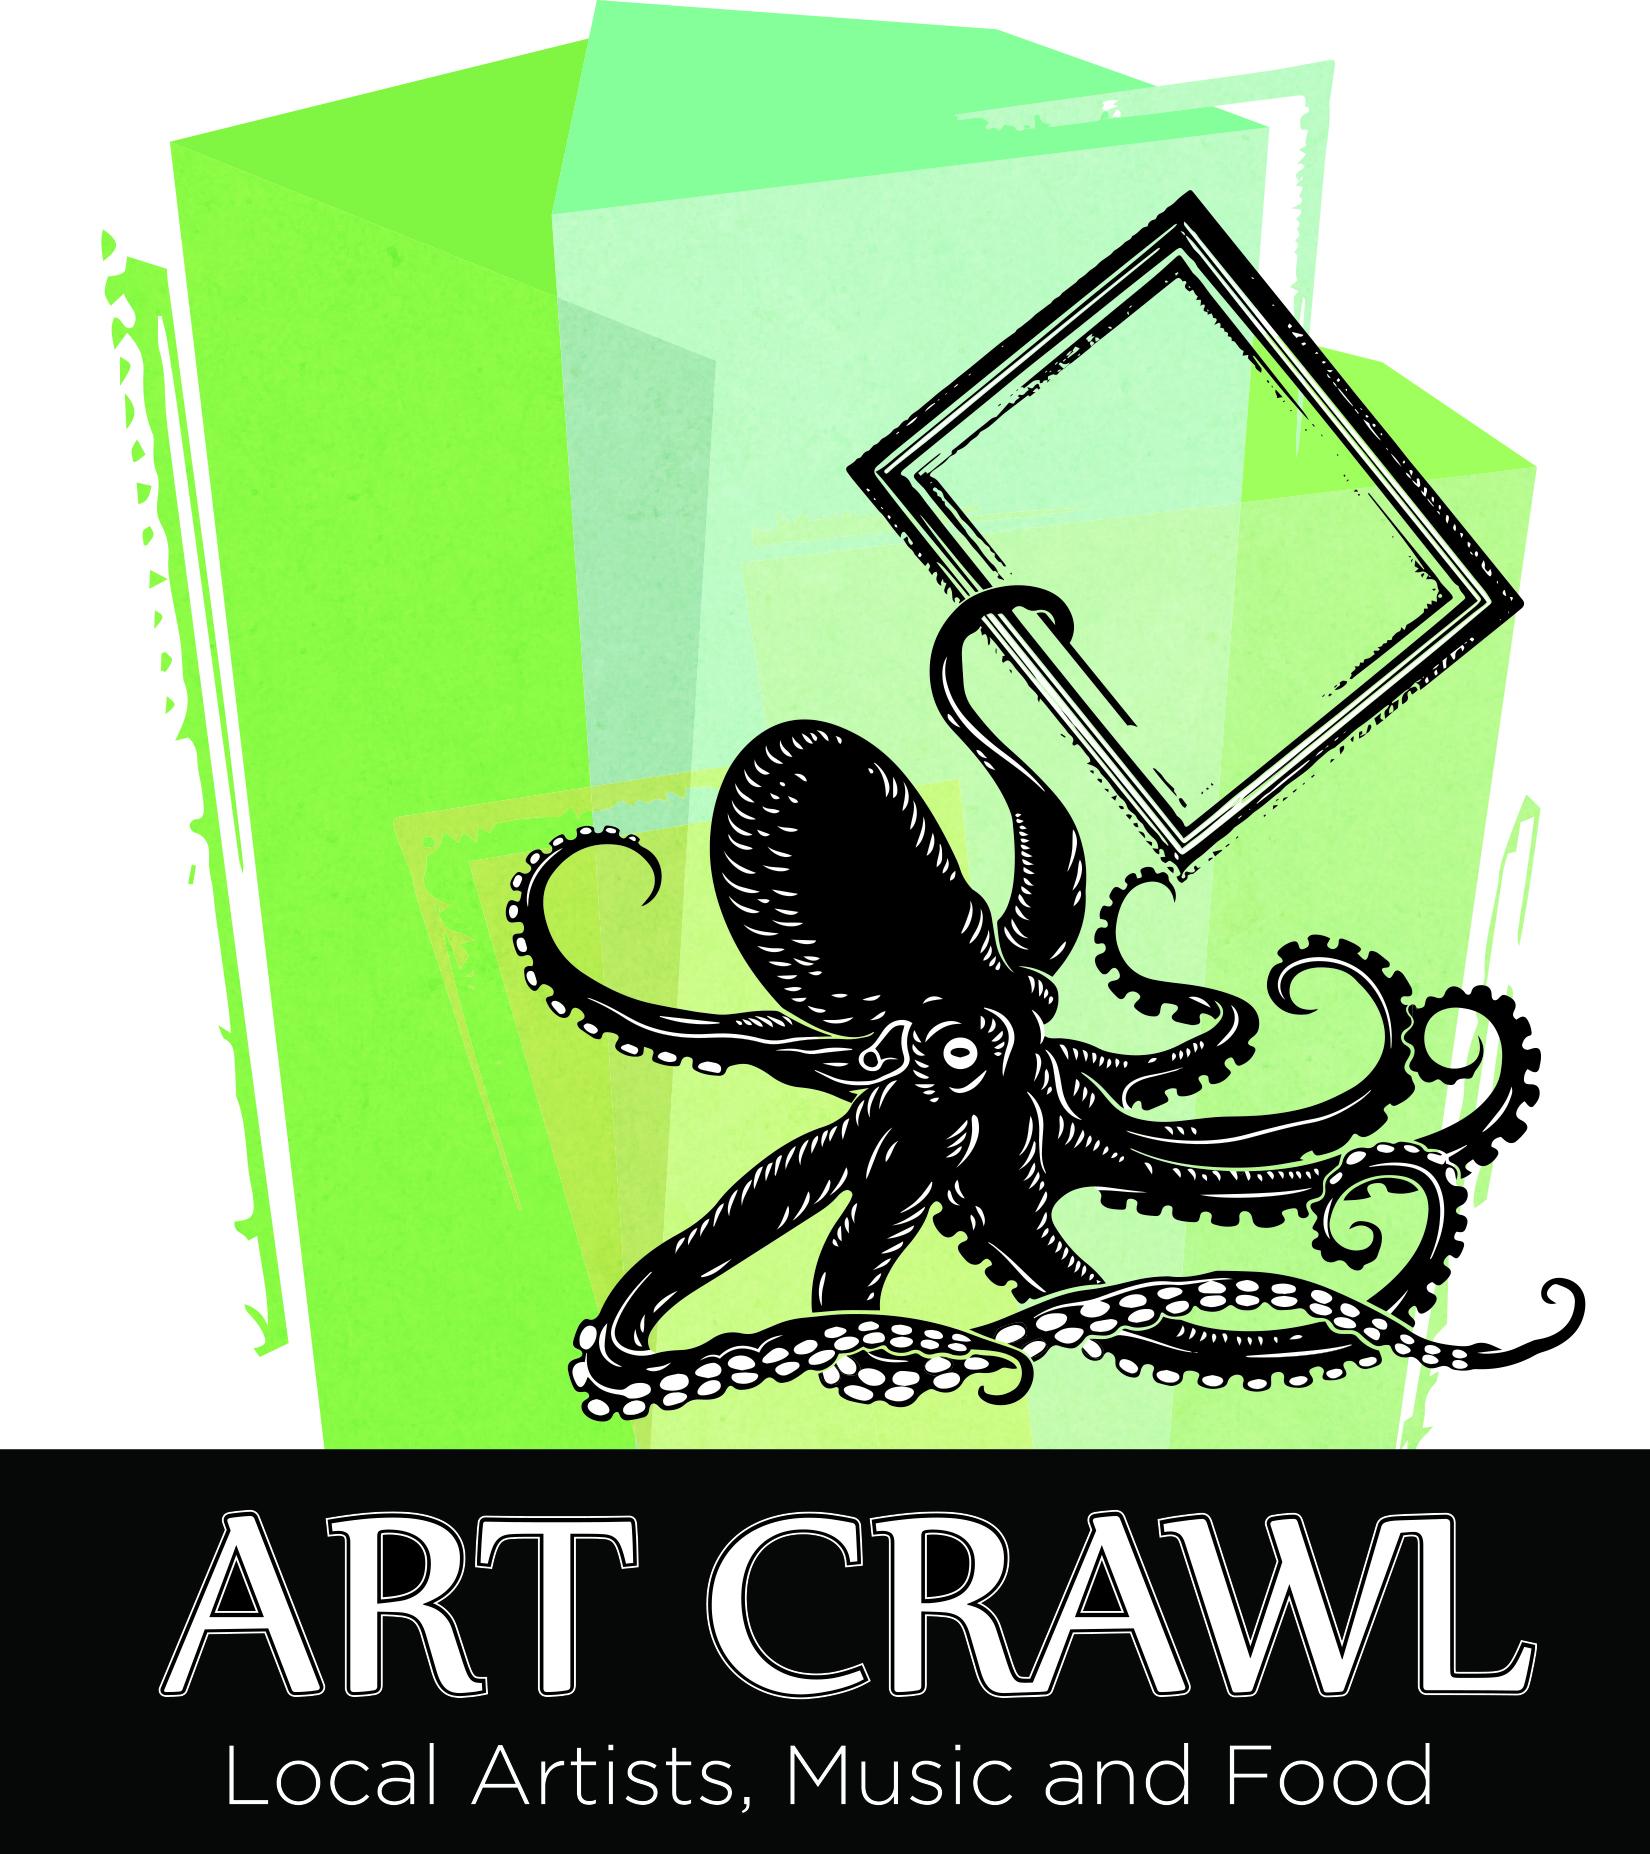 Crawllogo